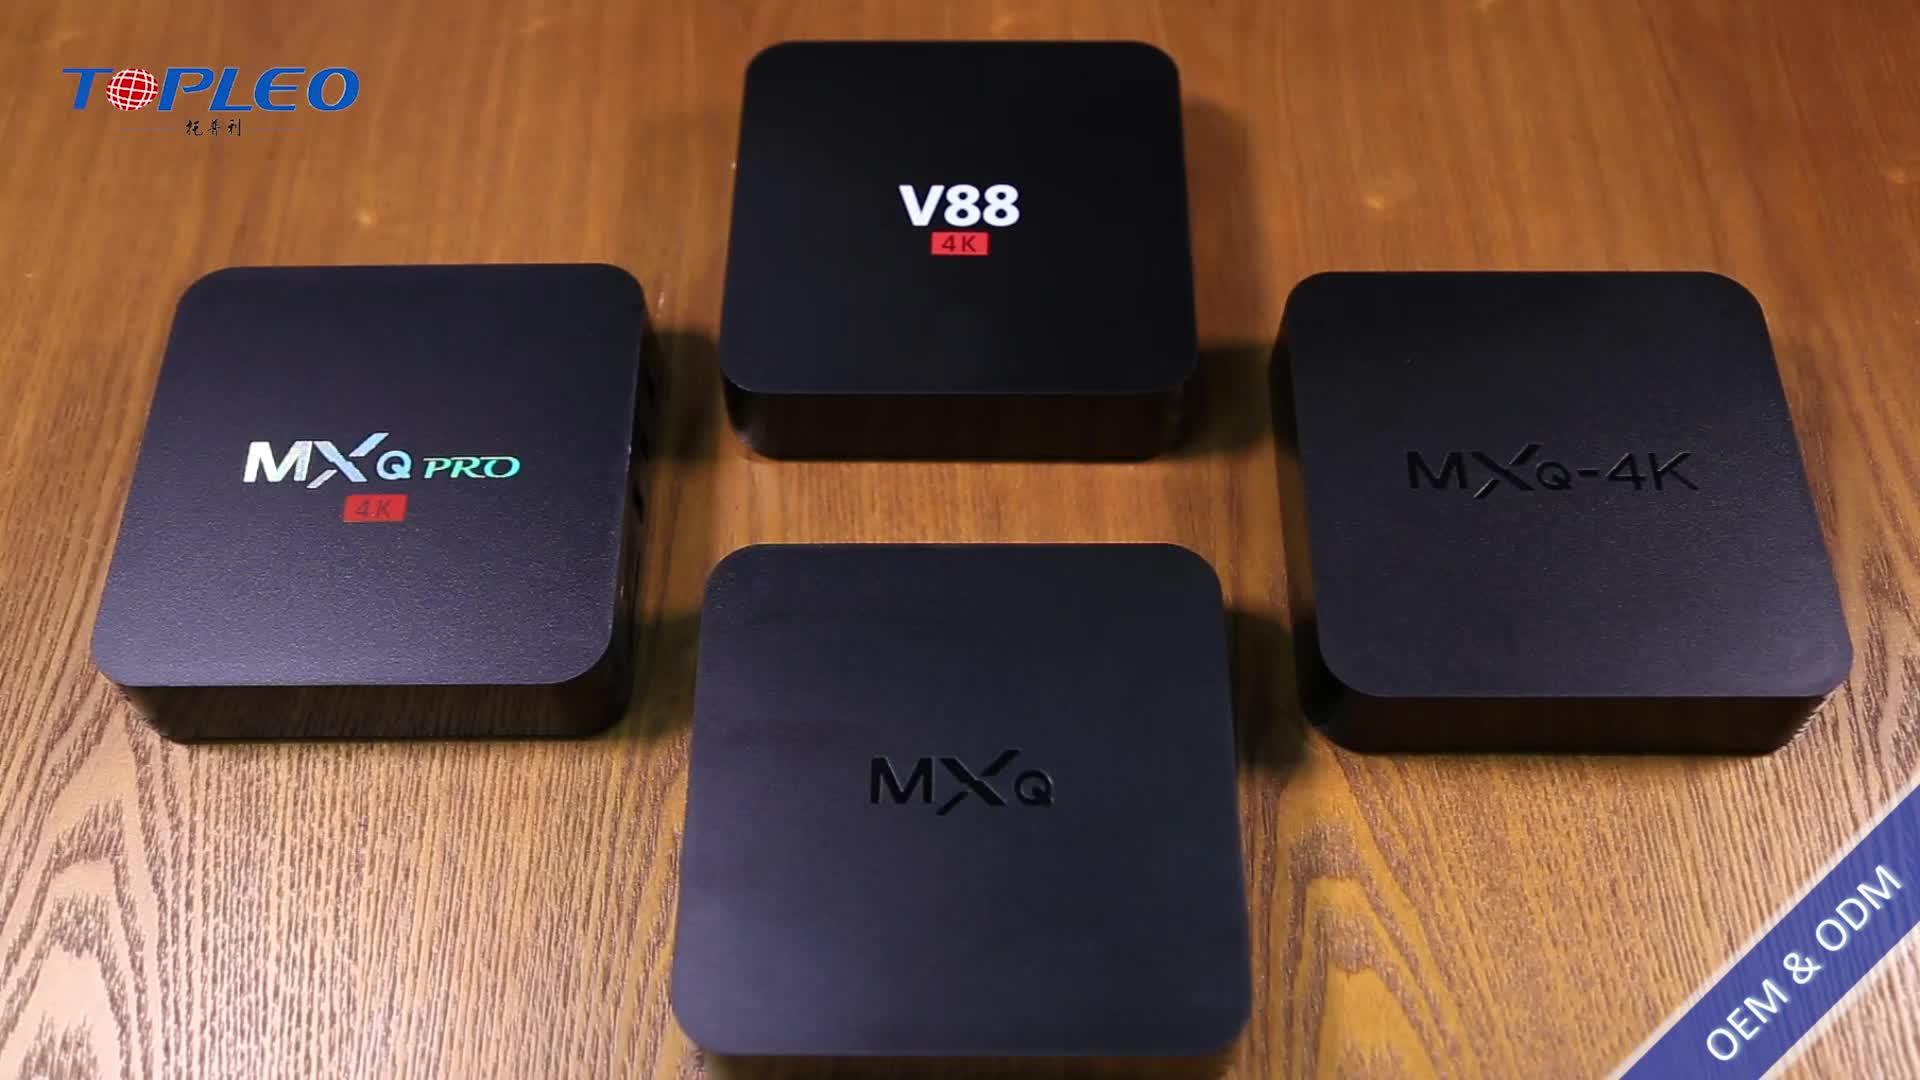 लागत प्रभावी फर्मवेयर अद्यतन एंड्रॉयड 7.1 स्मार्ट टीवी बॉक्स 4 k कस्टम लोगो के साथ सिम कार्ड स्लॉट